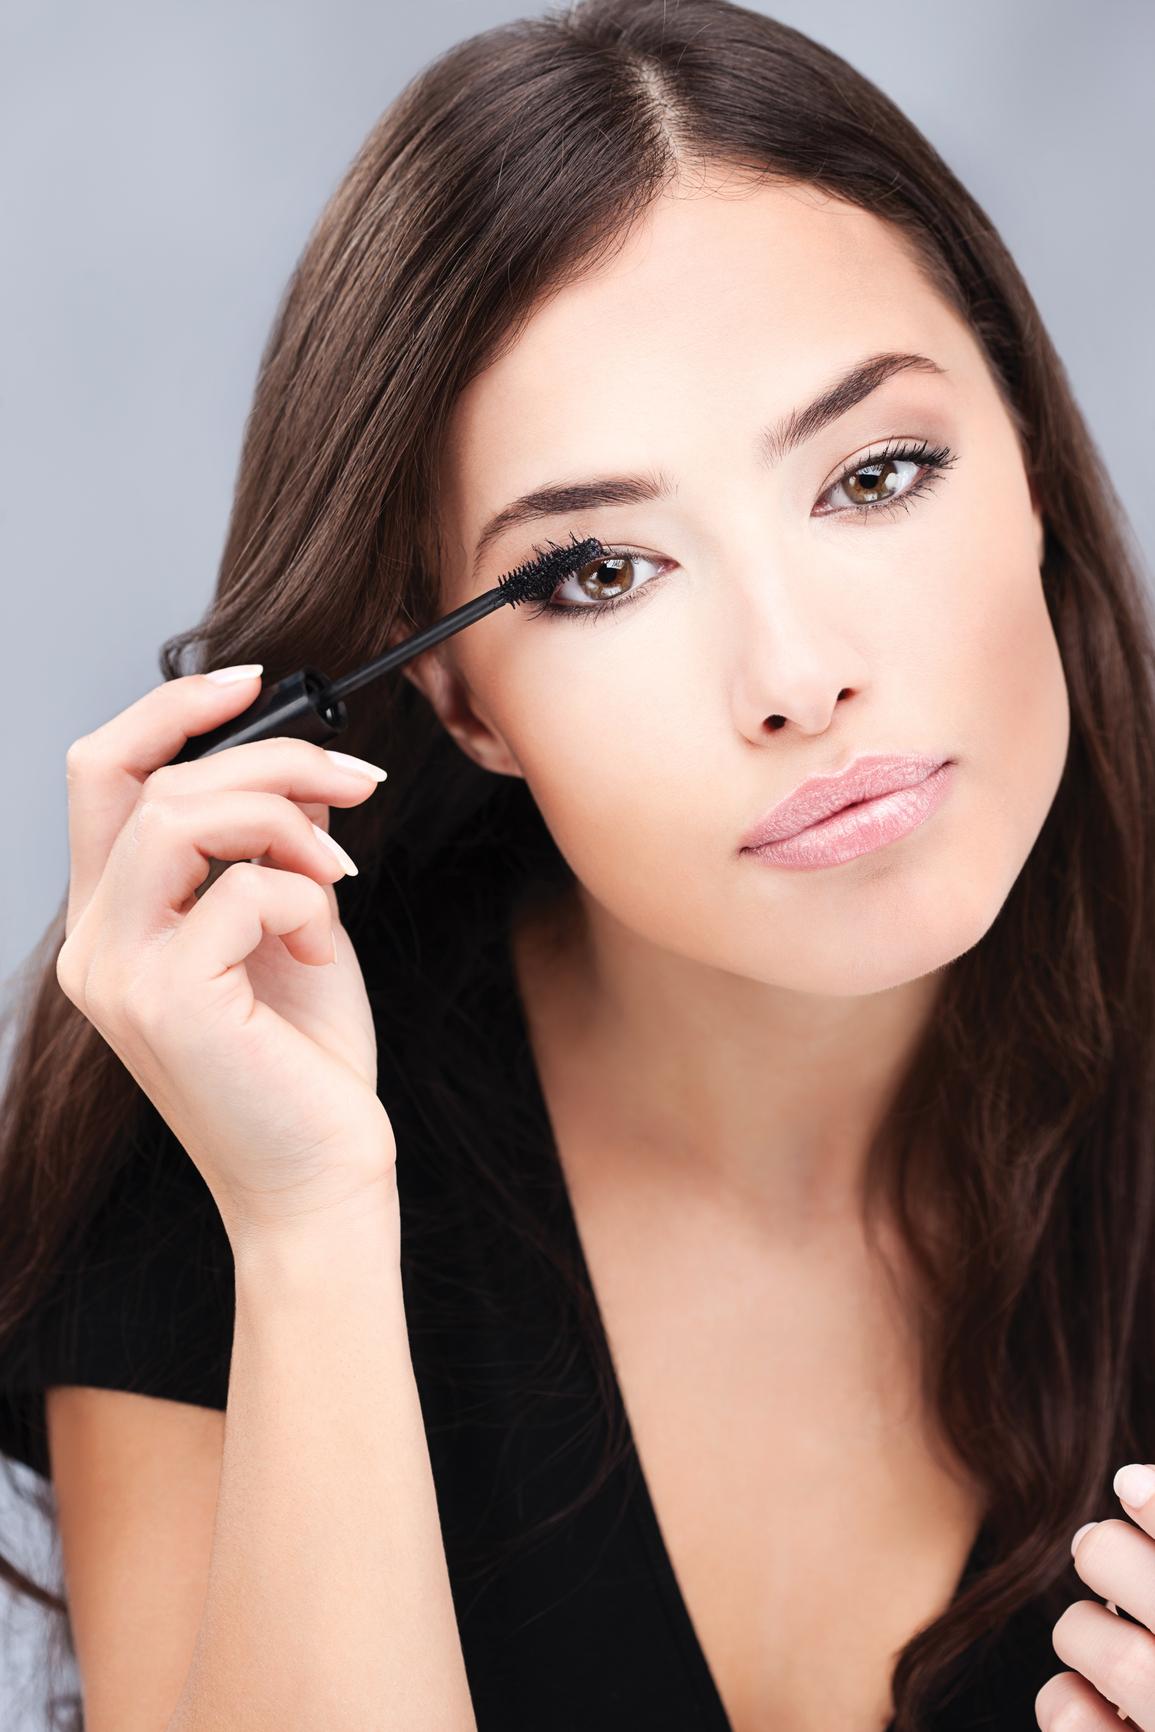 Для дневного и вечернего макияжа нужны два разных вида туши